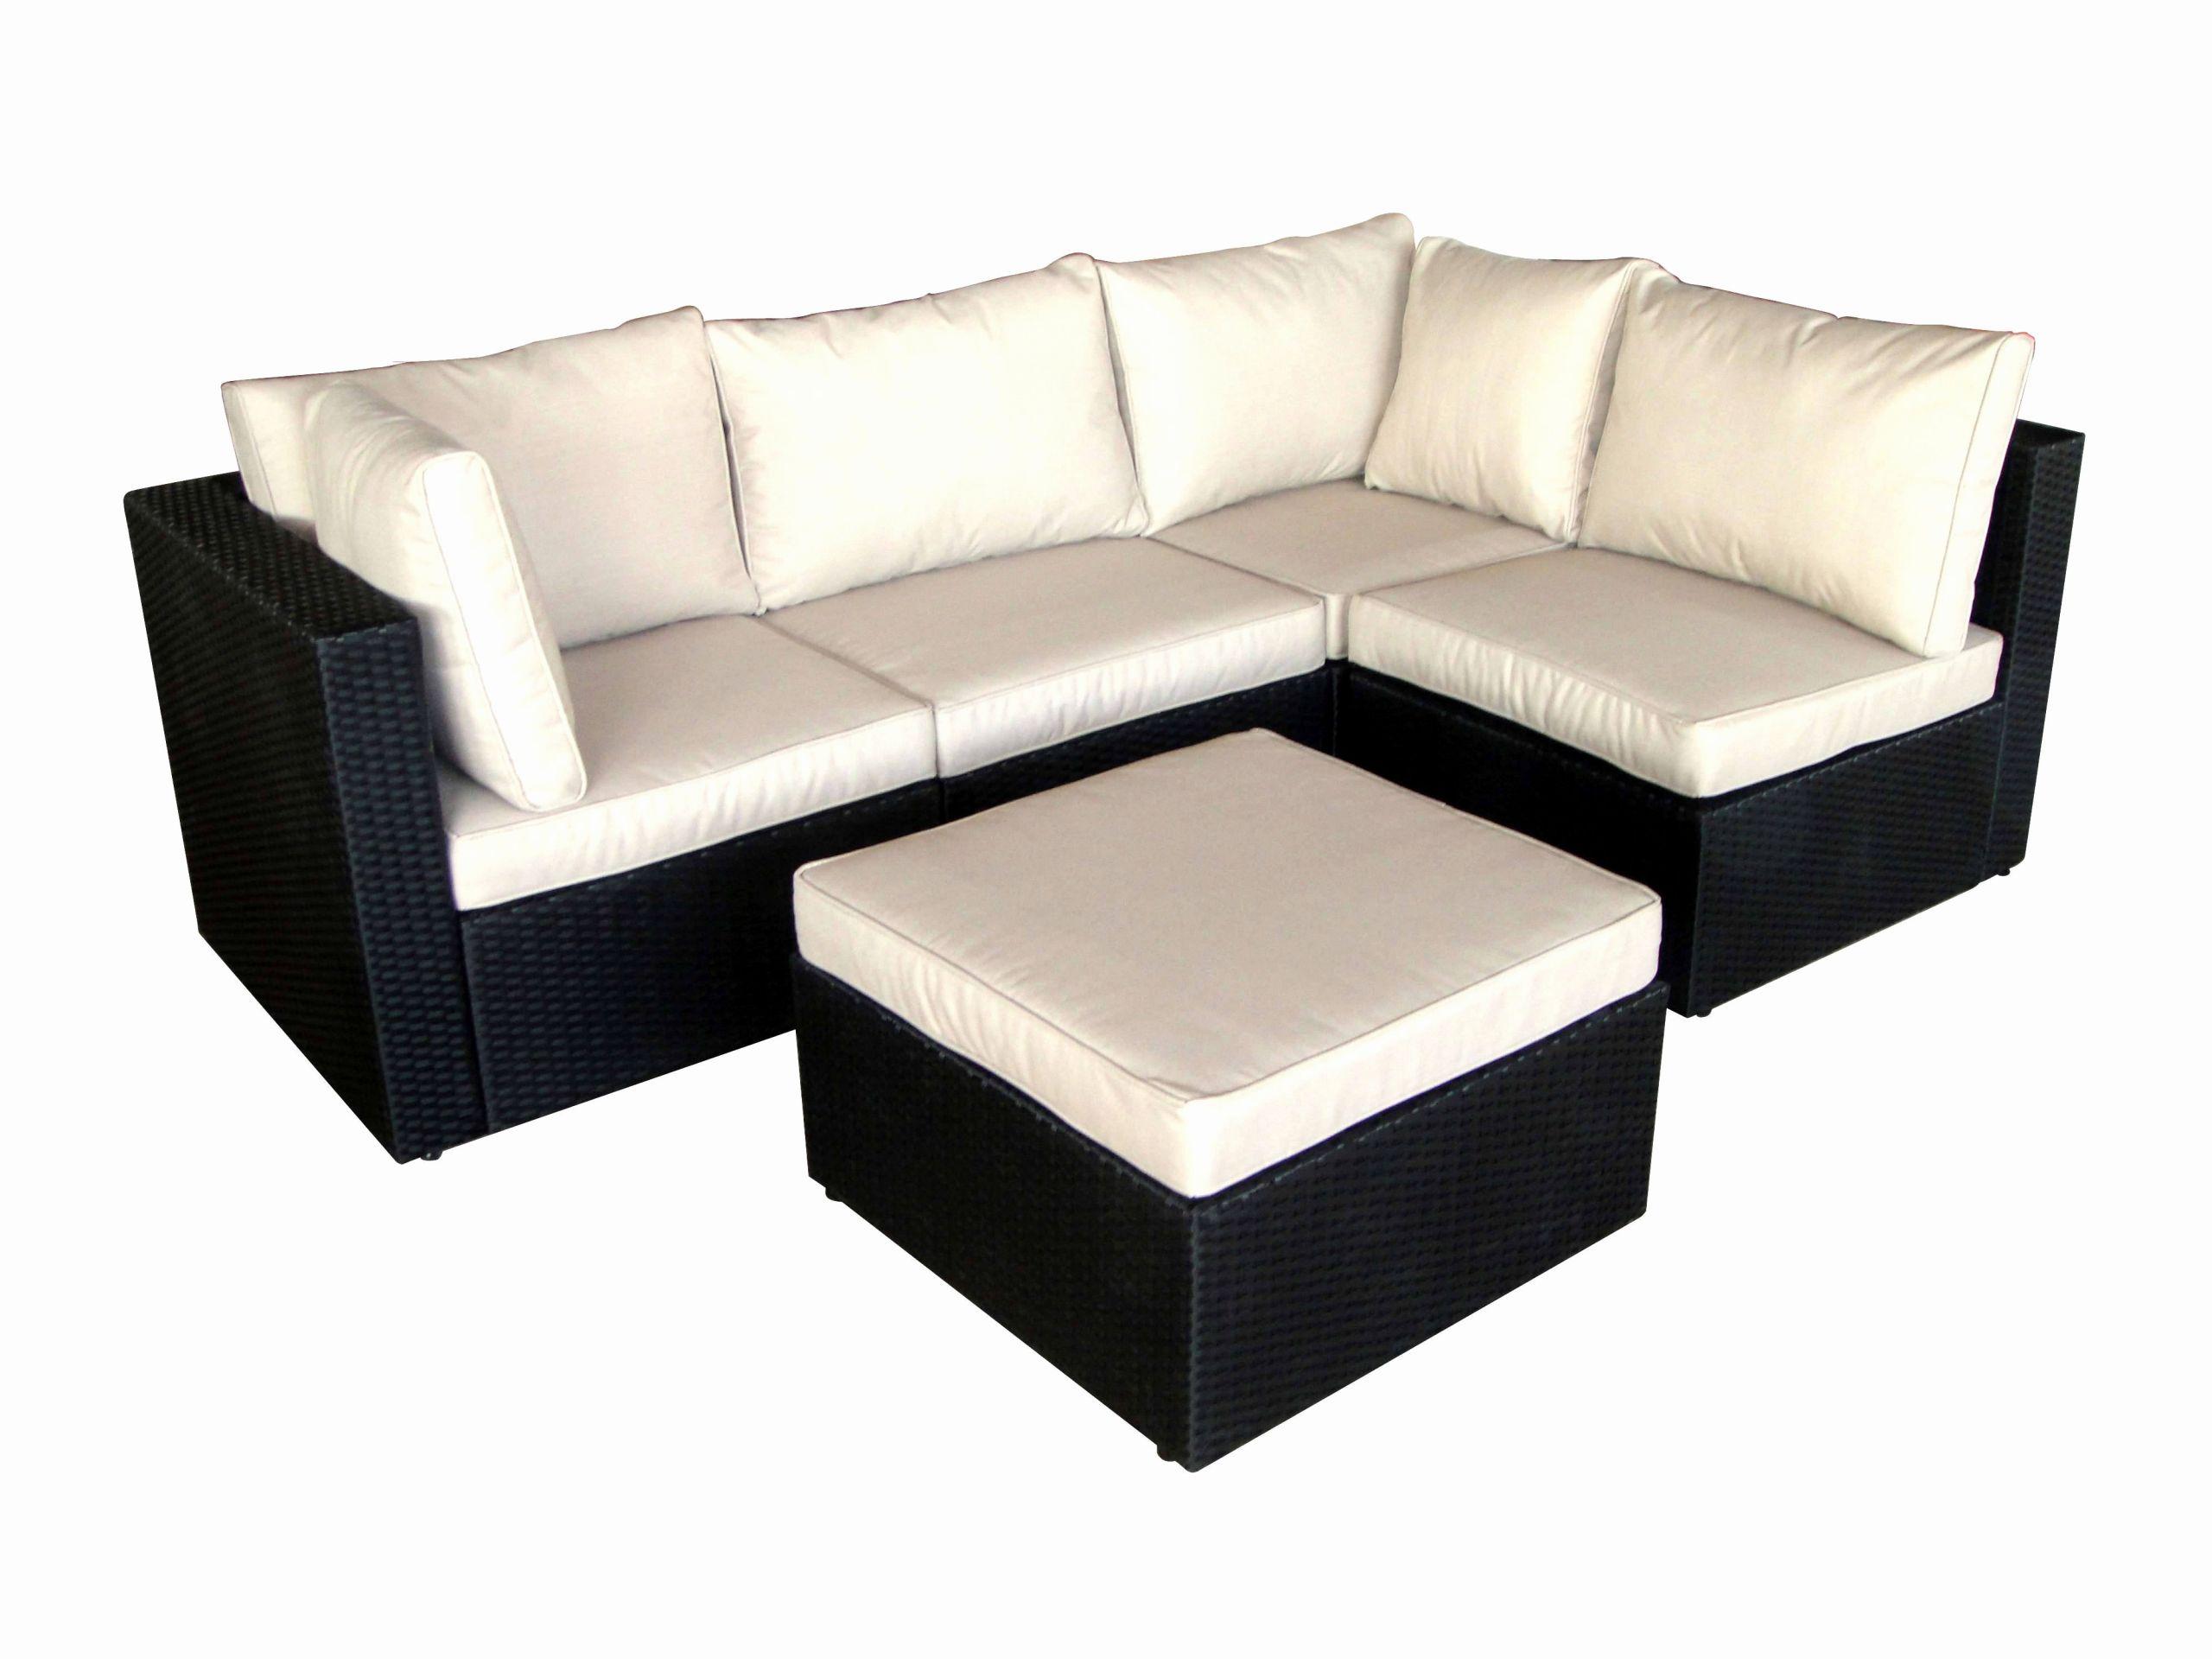 canape angle exterieur inspirant salon jardin en resine meilleur de canape d angle exterieur of canape angle exterieur